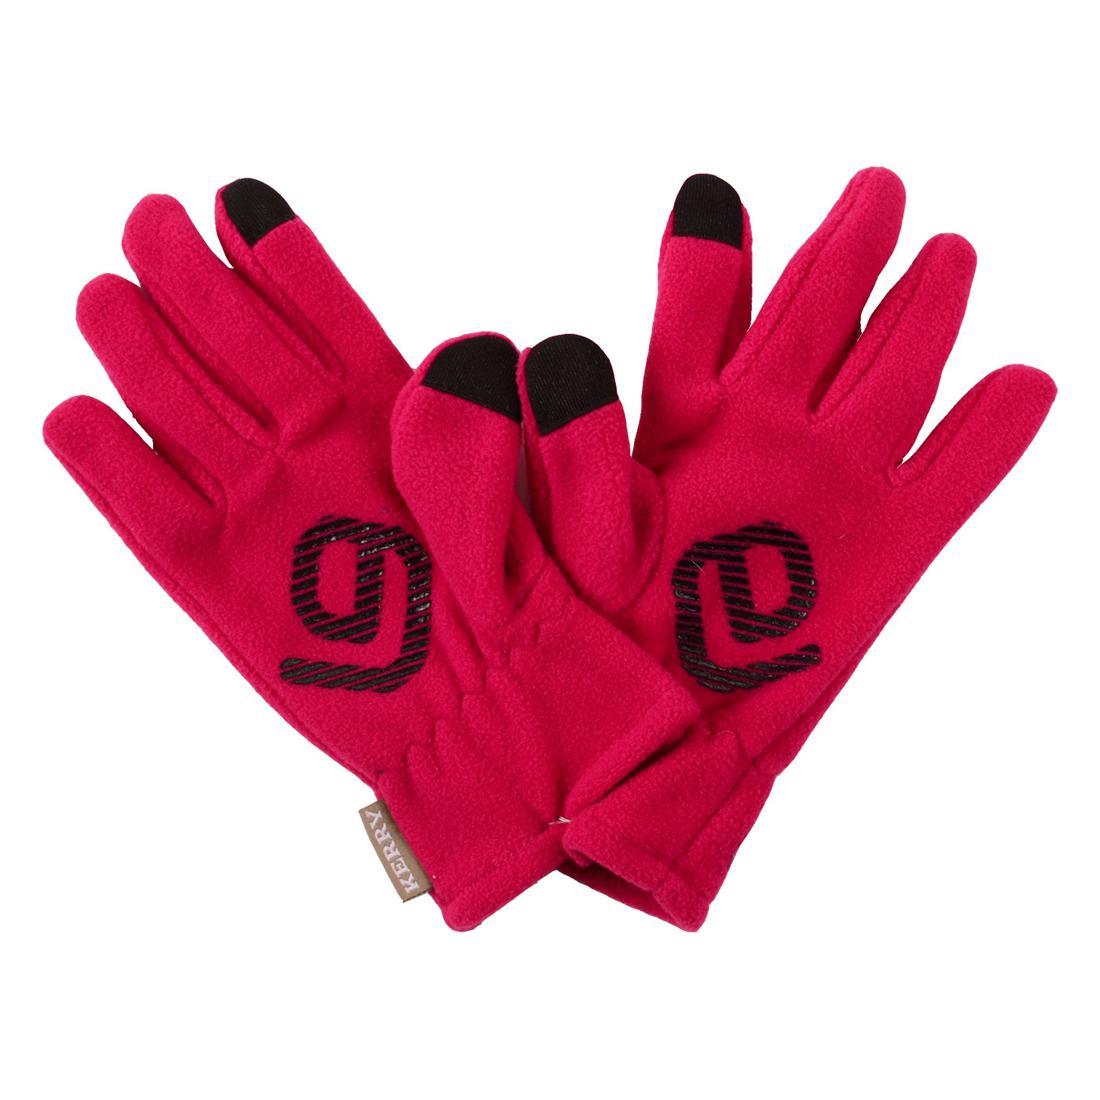 Перчатки KERRY GENE K16094, размер 5